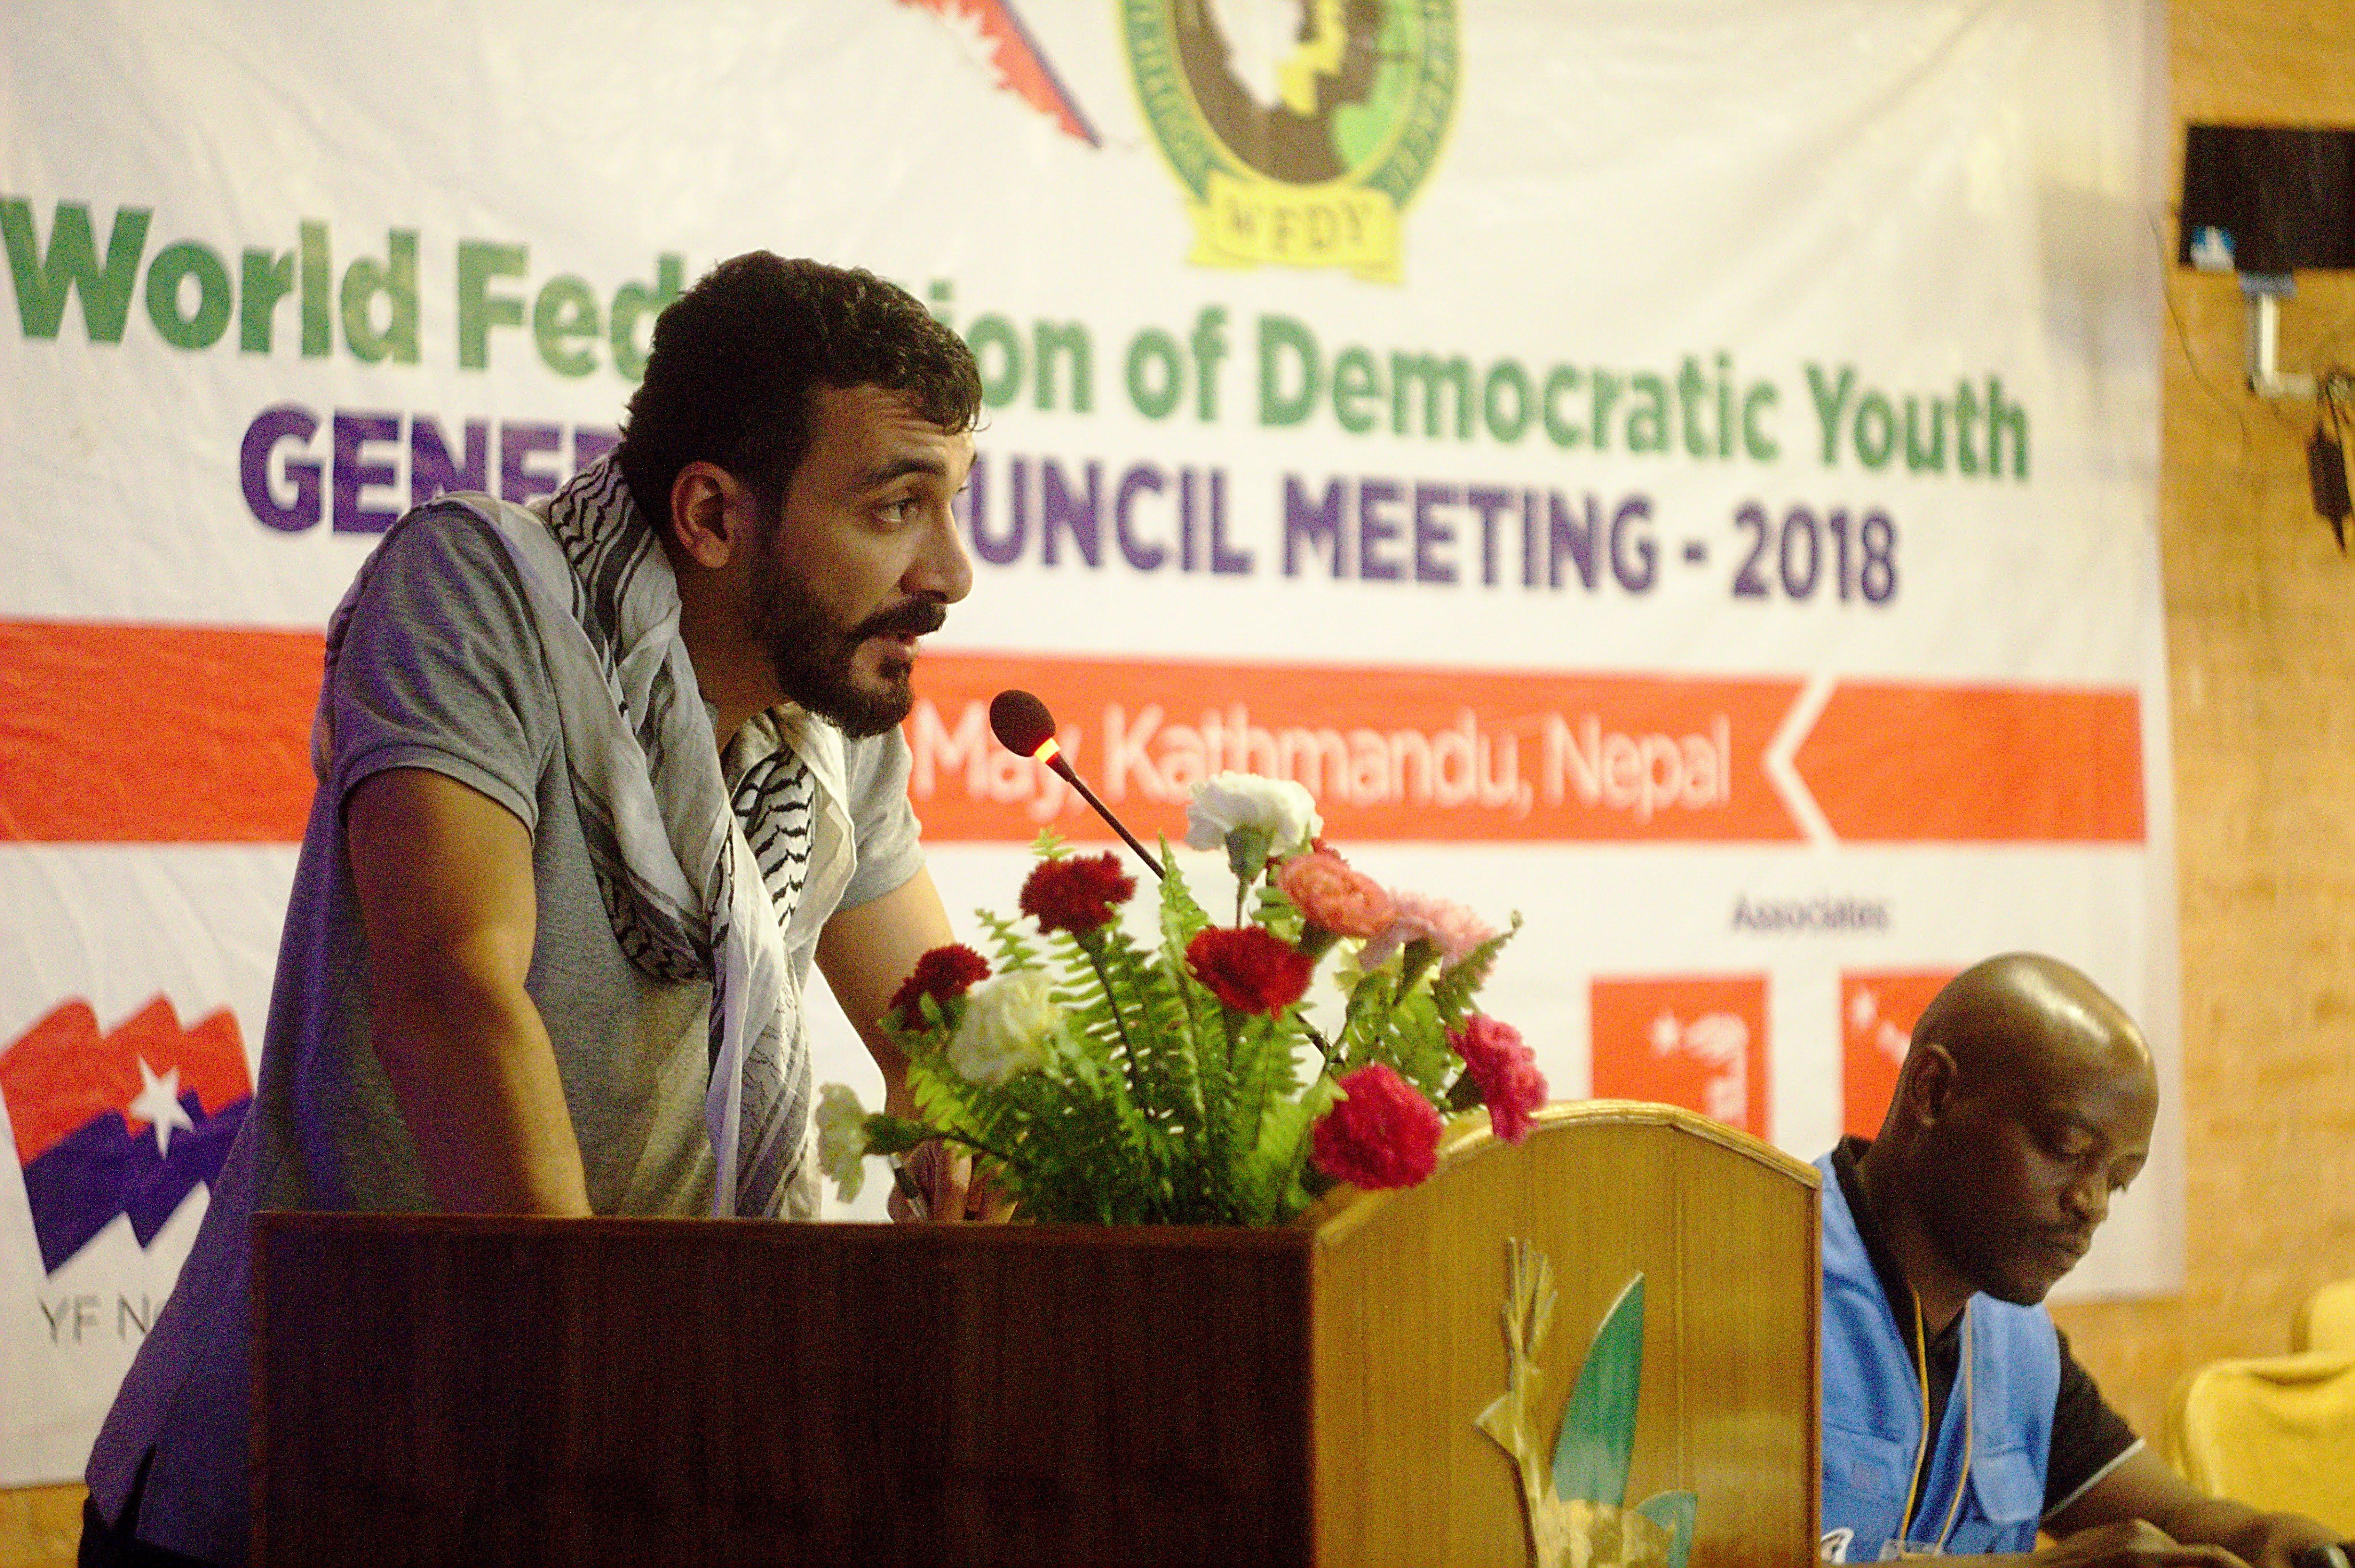 Вице-президент ВФДМ Аднан Эль Мокдад (Ливан)